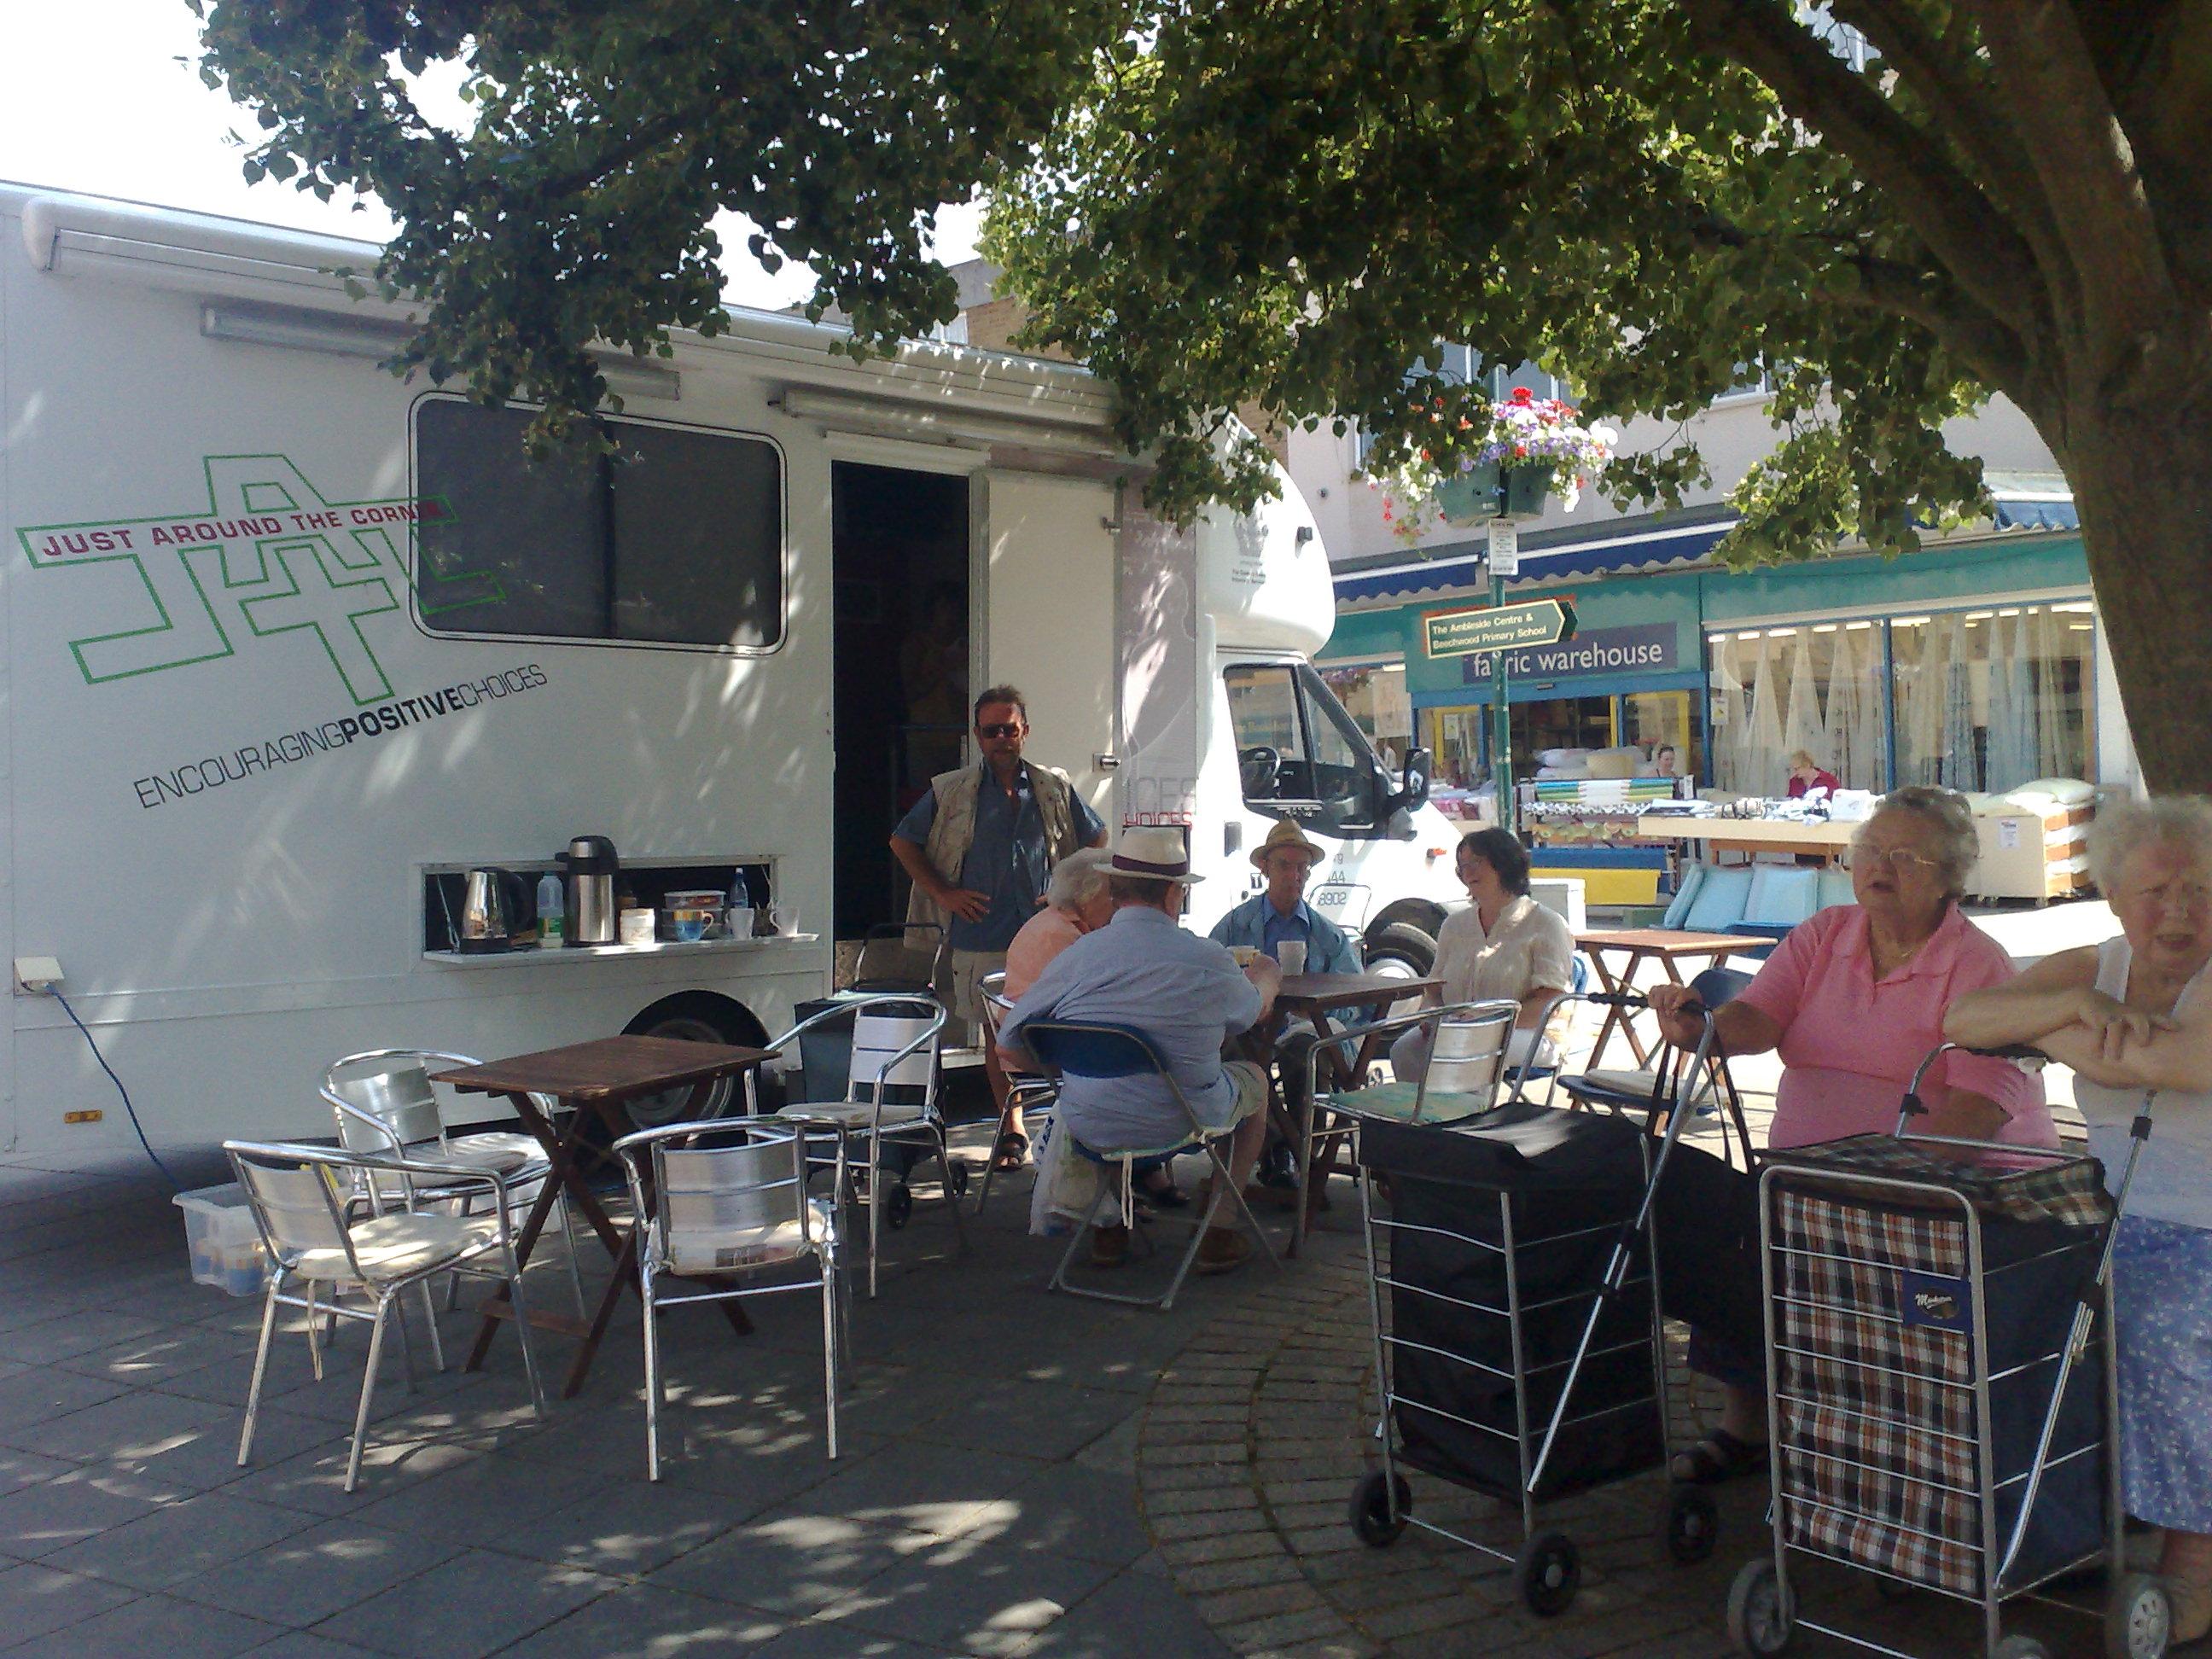 Van offering Free tea & Coffee